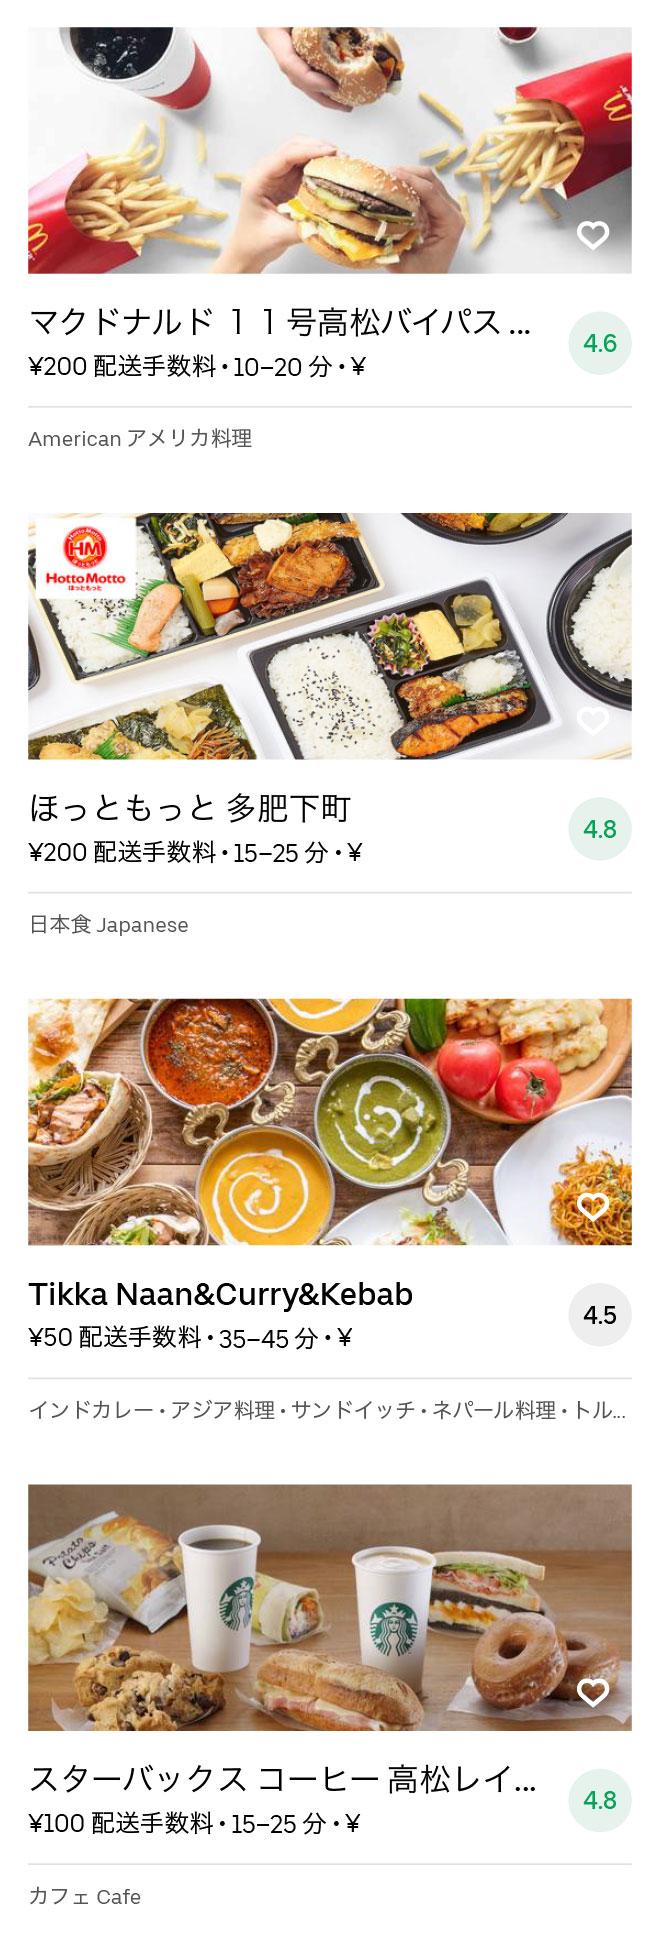 Chuoh sho menu 2008 02